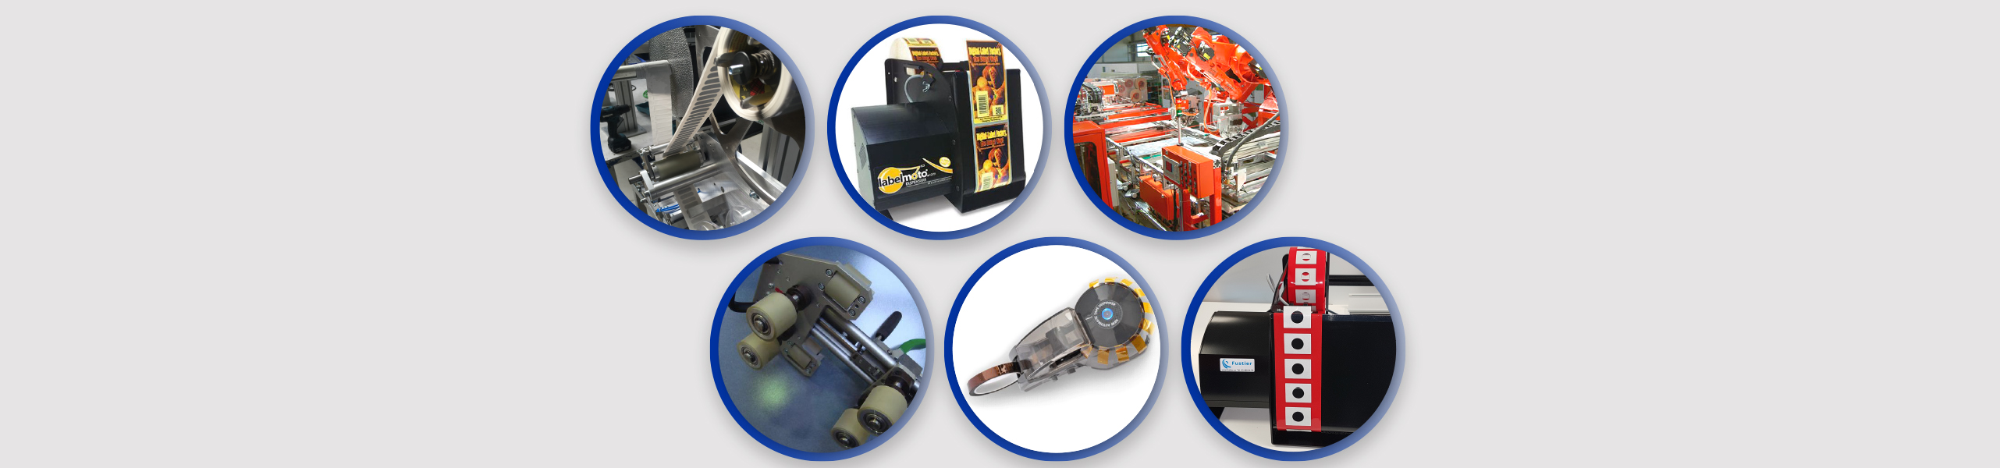 Fustier es distribuidor de dispensadores para productos adhesivos y troquelados autoadhesivos